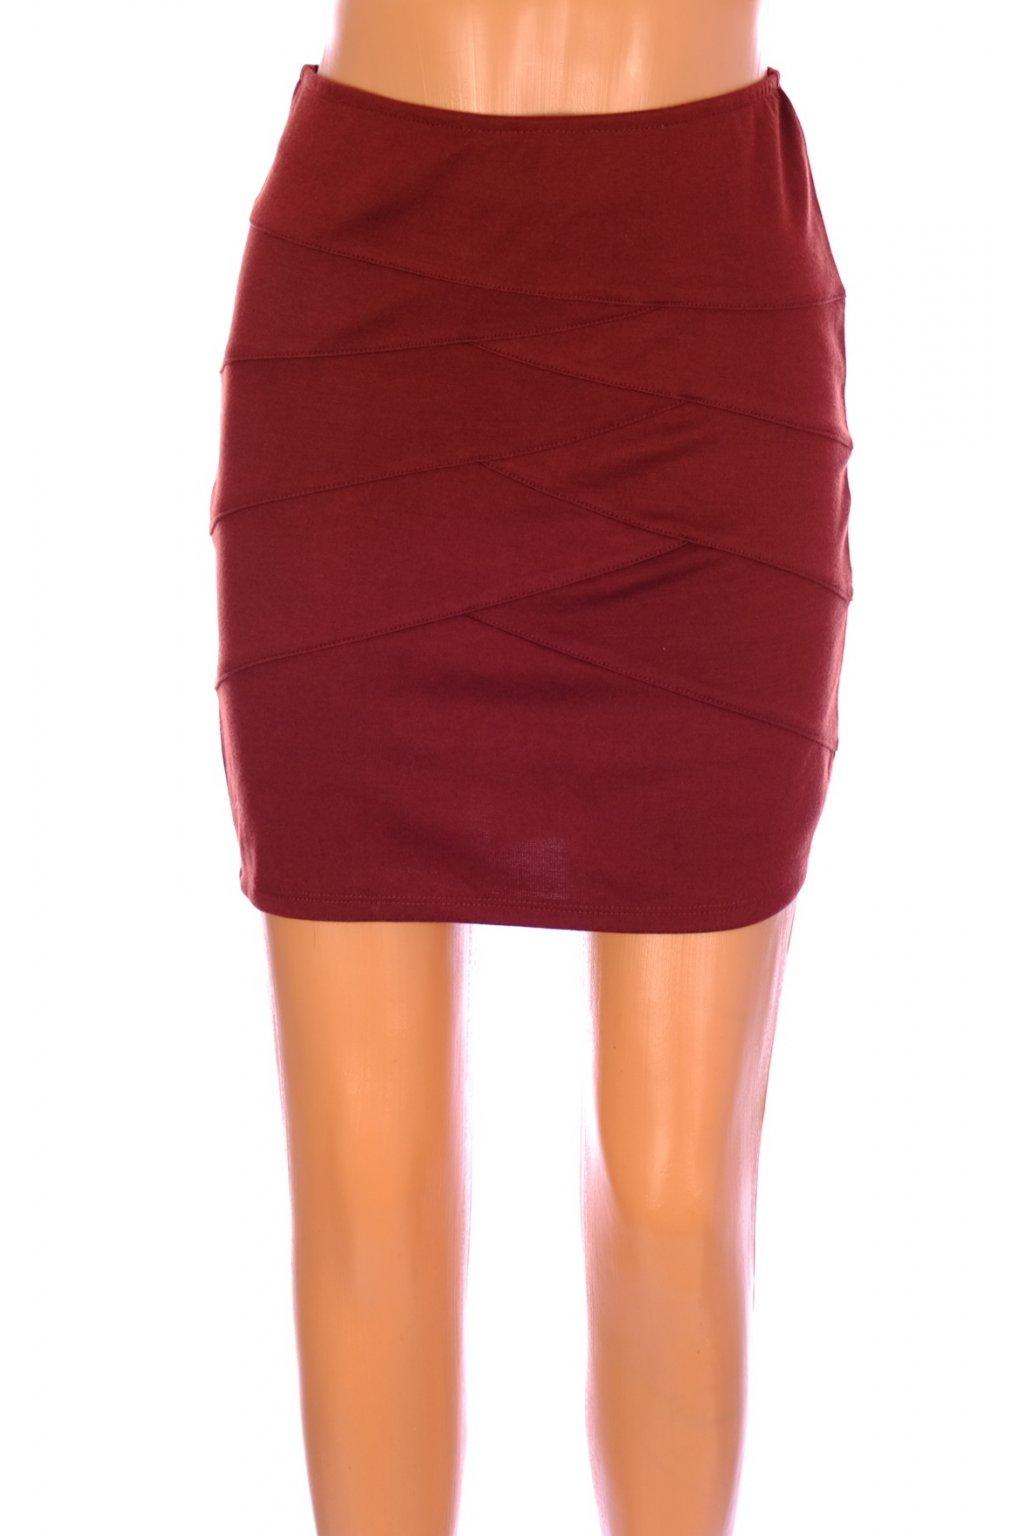 Sukně Amisu červeno hnědá vel. XS